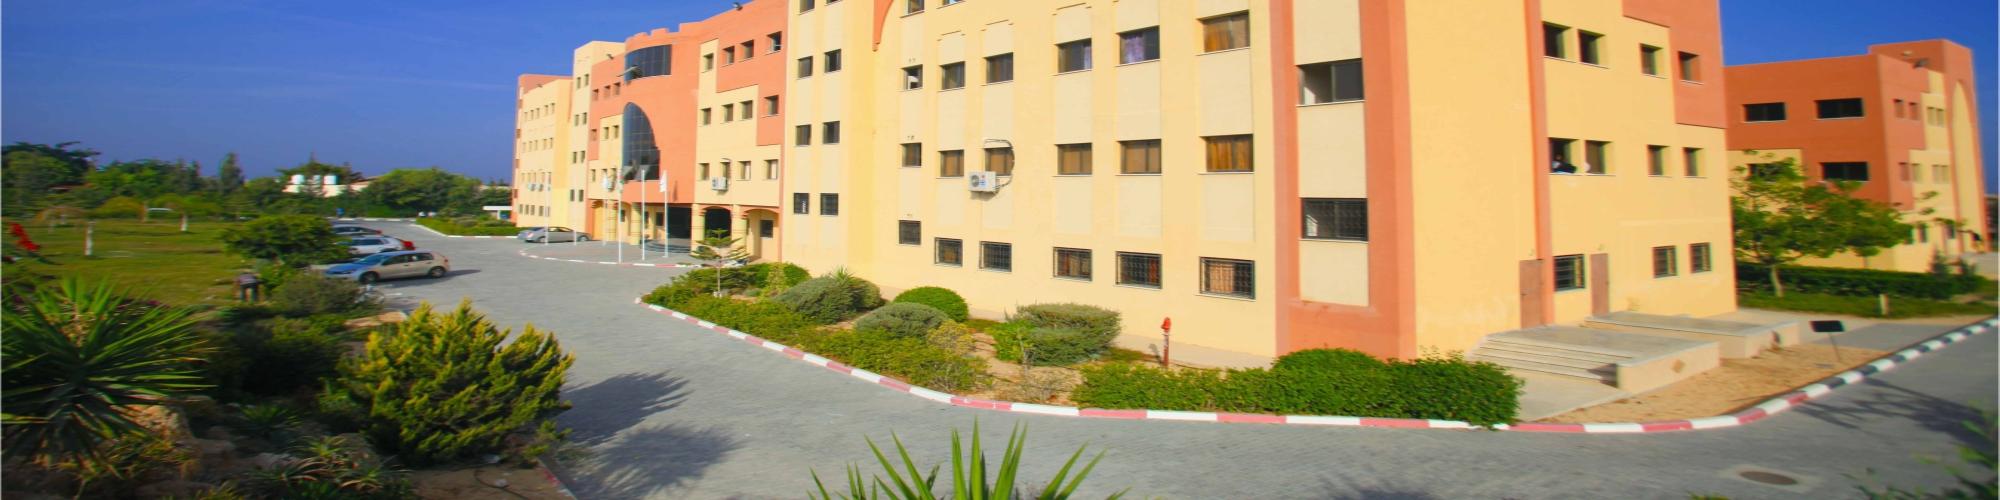 Sheikh Dr. Sultan Al Qasimi  Building